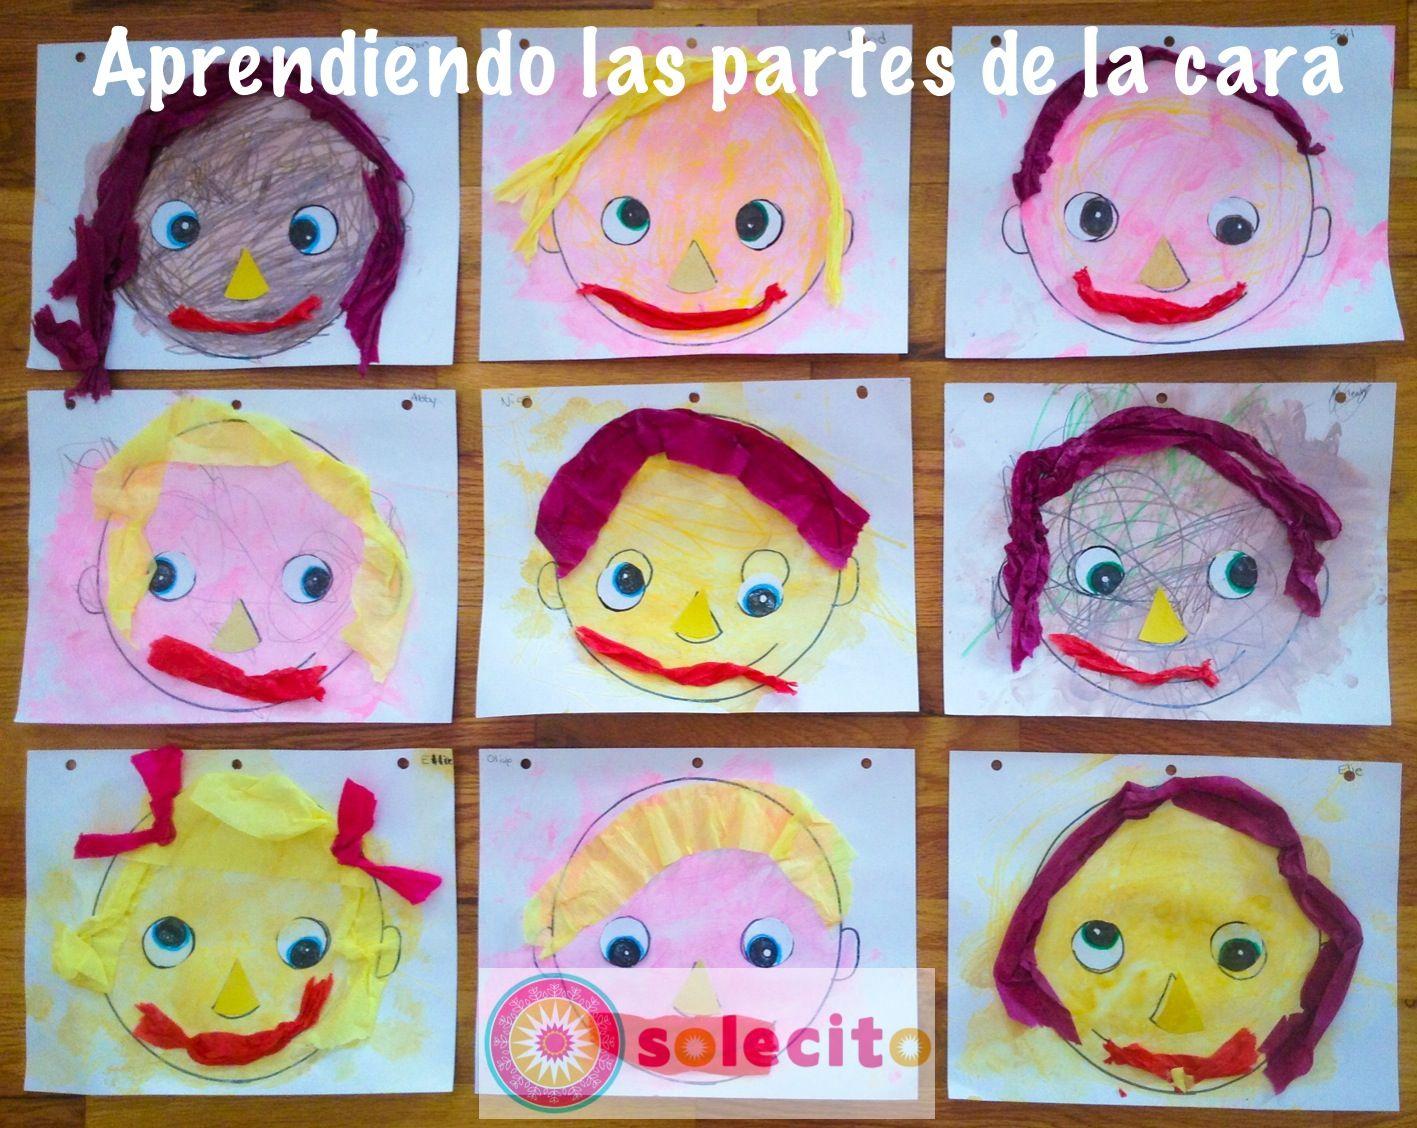 Parts Of The Face Las Partes De La Cara Lecitoschool